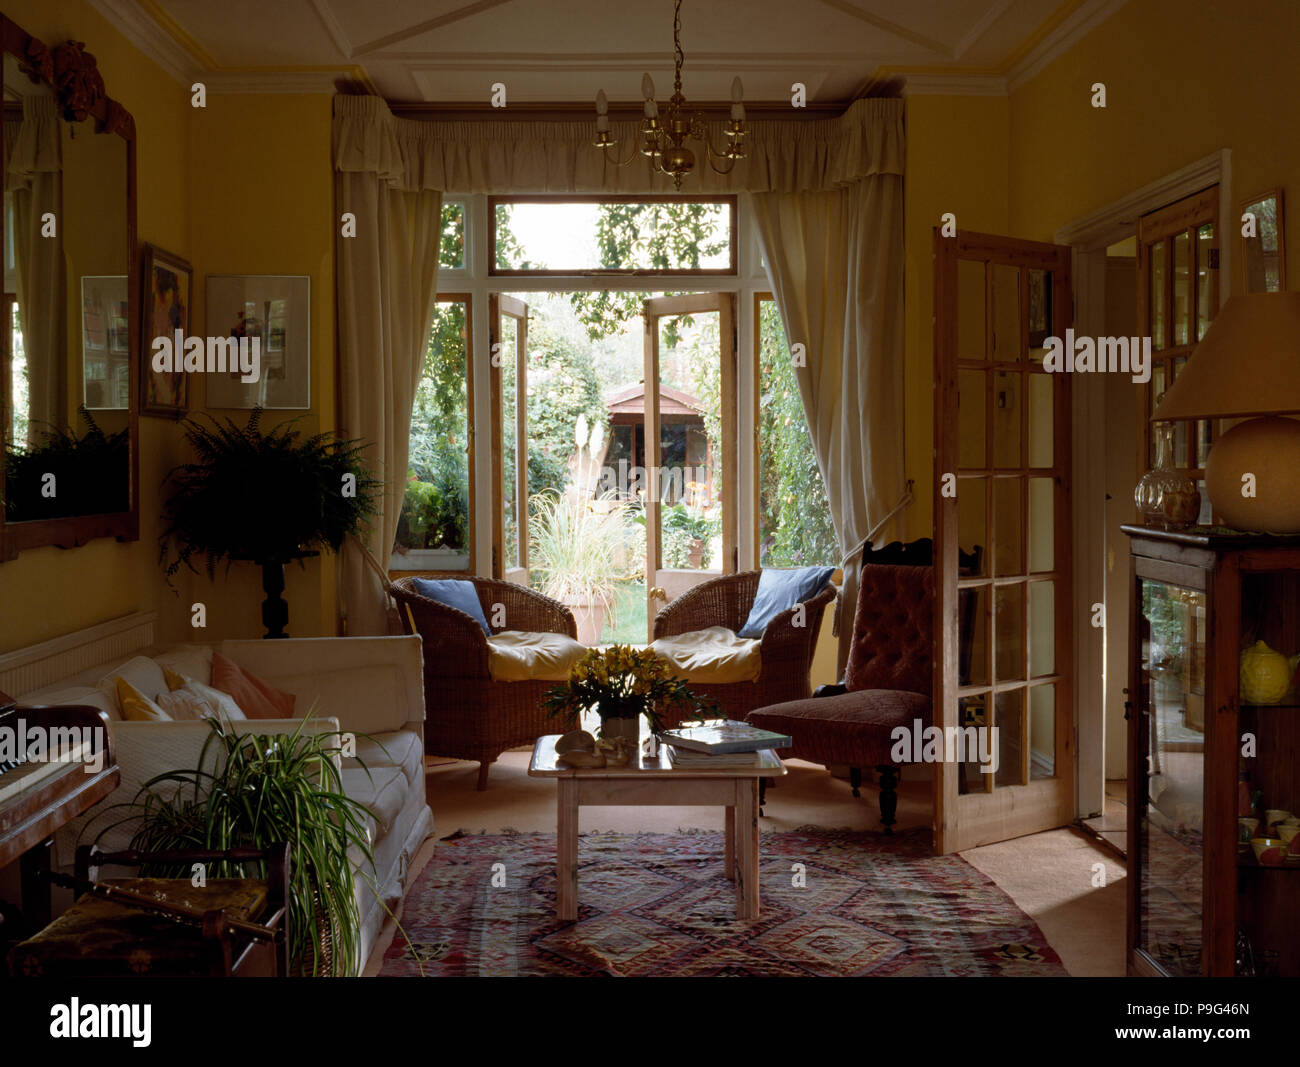 Korbsessel Neben Franzosisch Windows Im 80er Jahre Wohnzimmer